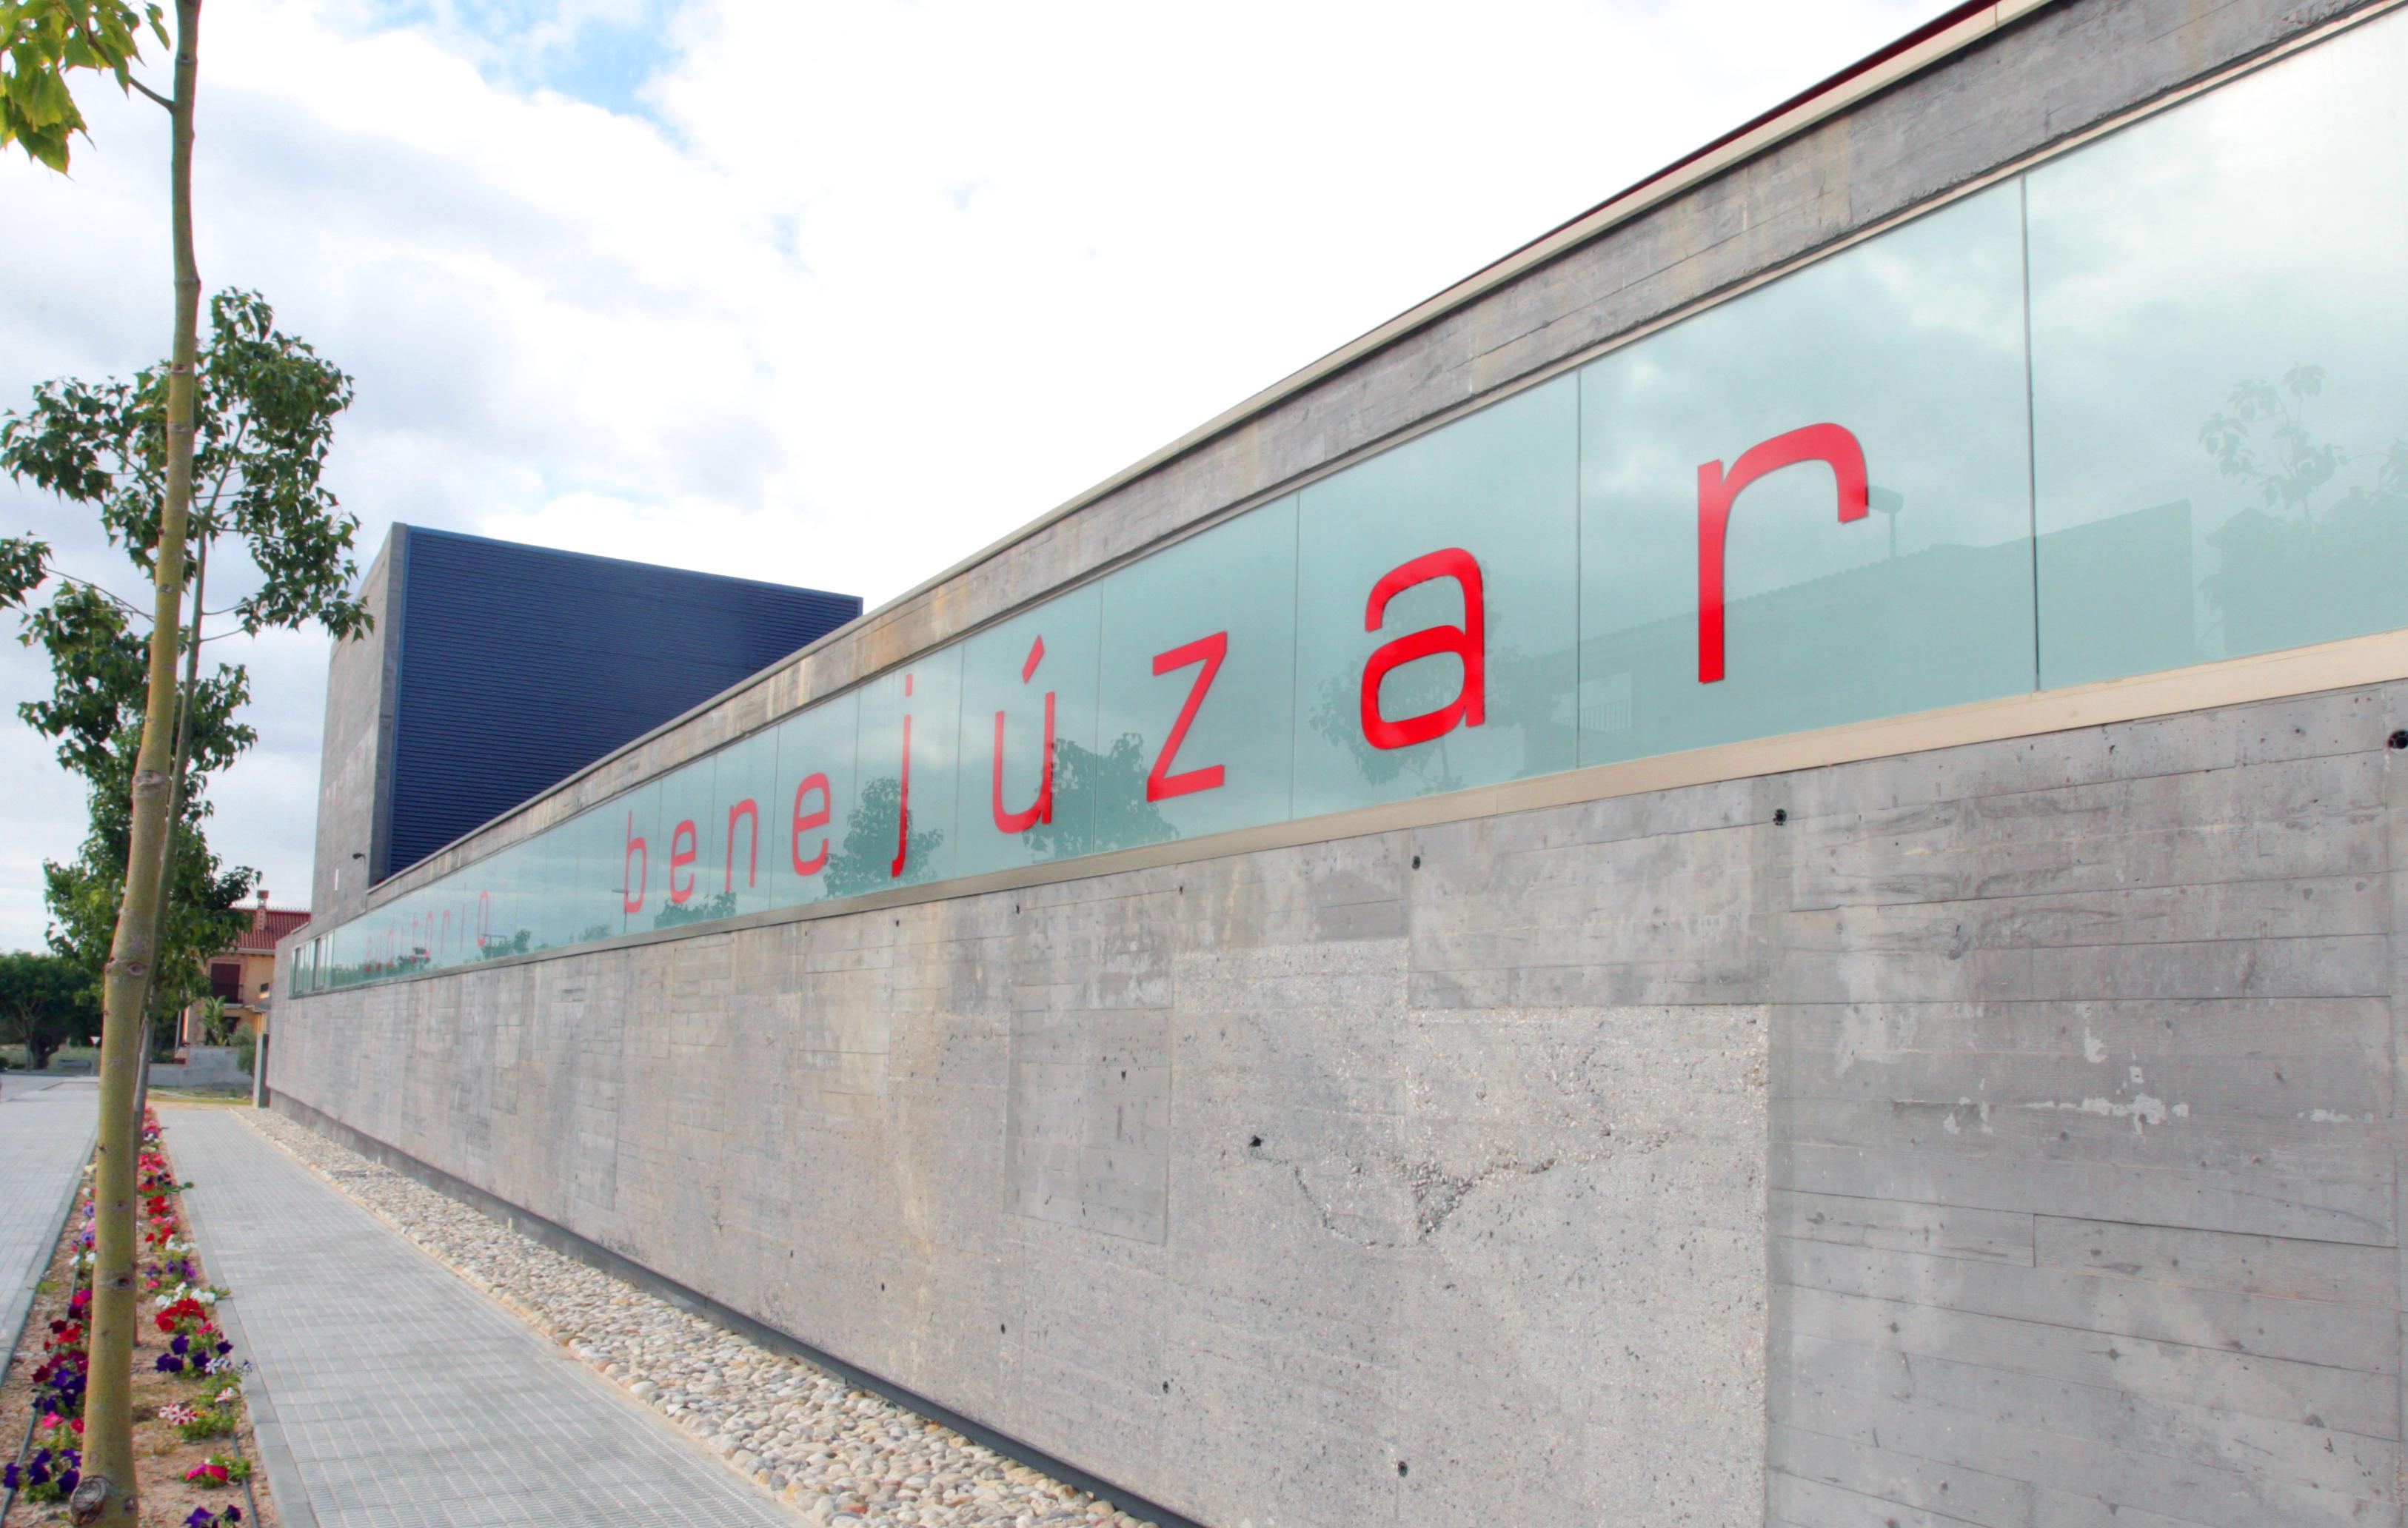 Auditorio de Benejúzar